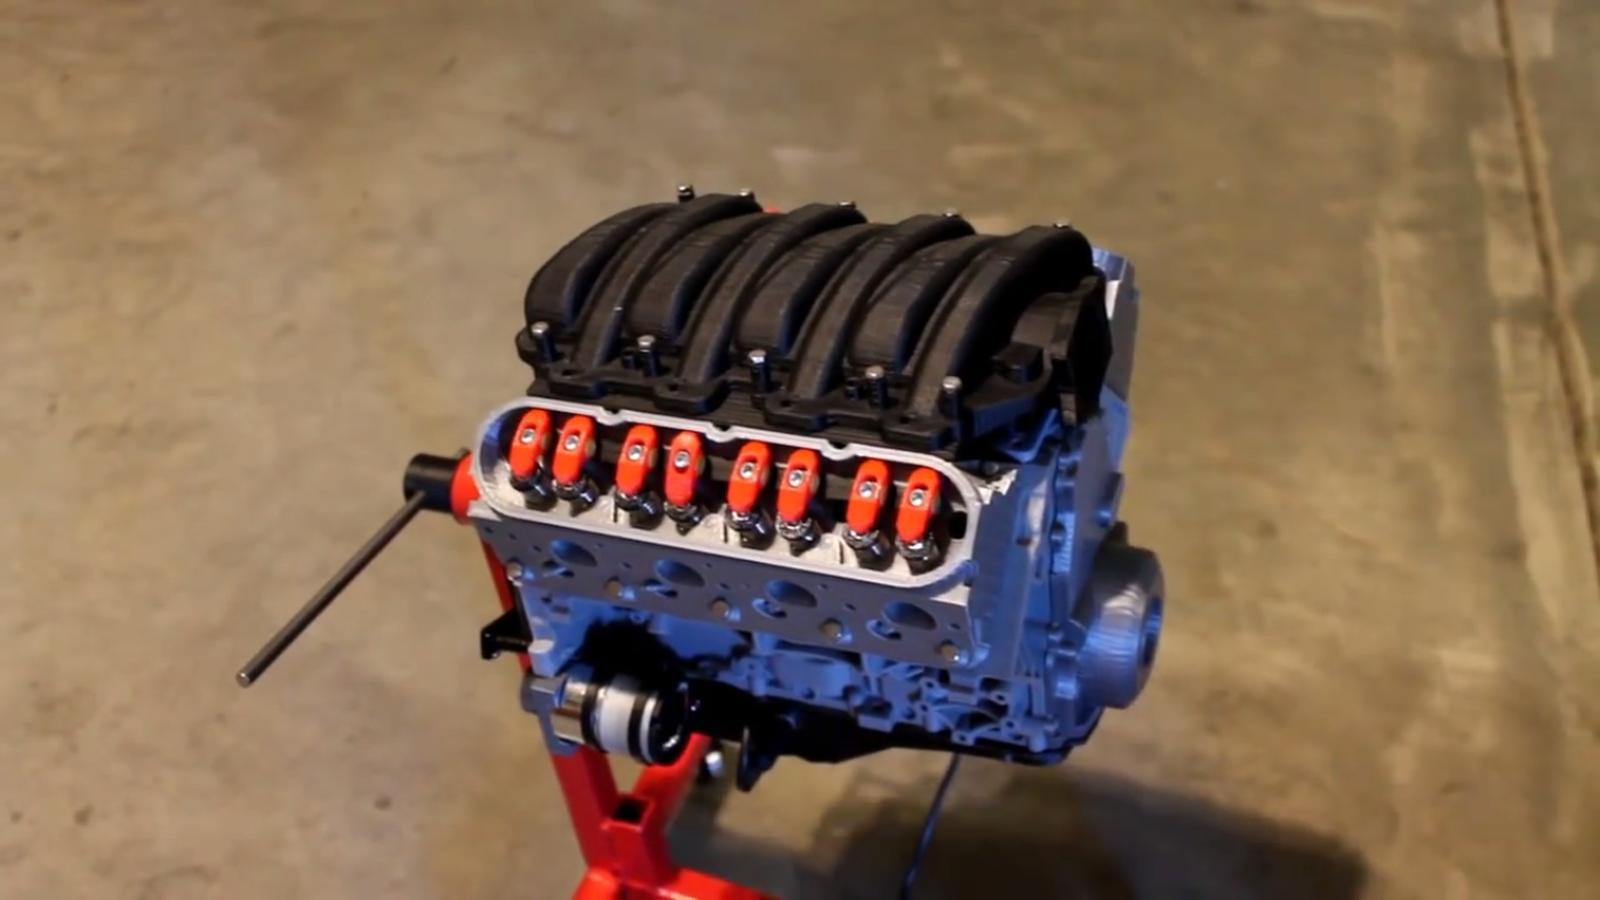 Ученые успешно испытали мотор, напечатанный на 3D-принтере 1